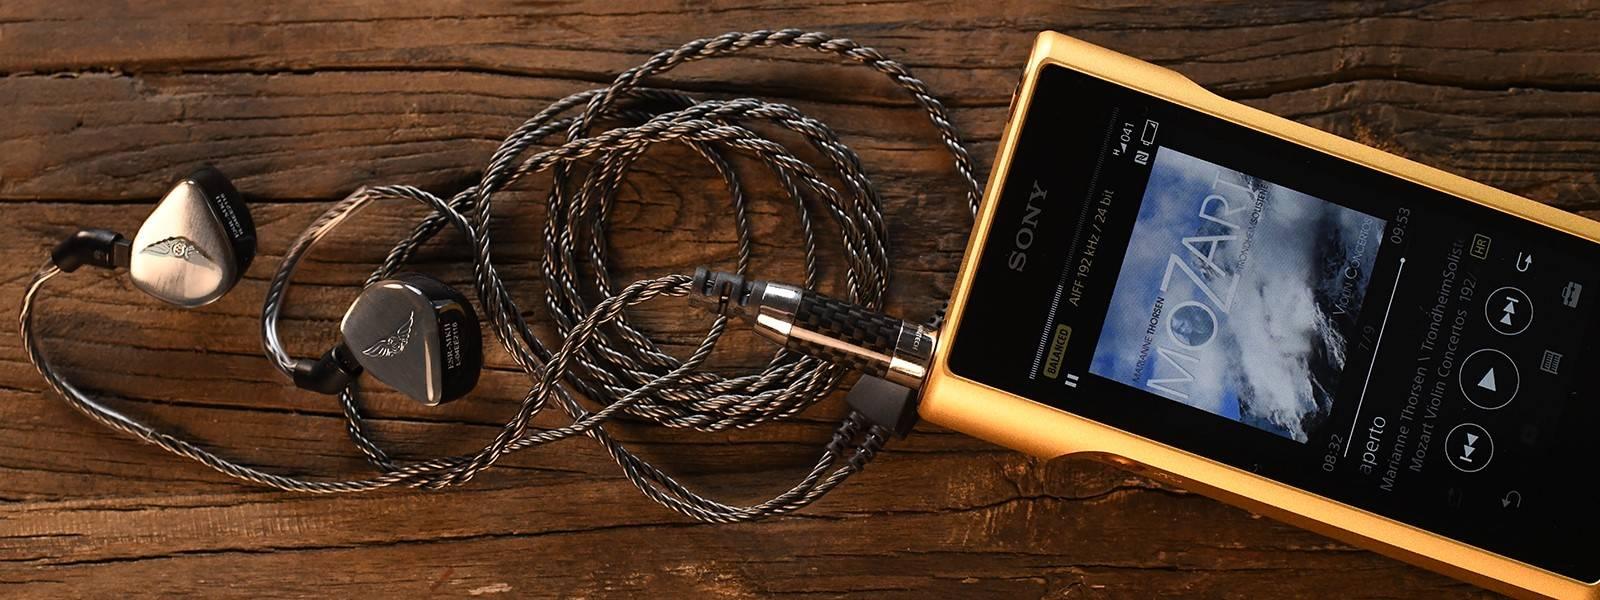 ESR MK-II with Silver Dragon IEM Cable and Sony NW-WM1Z Walkman